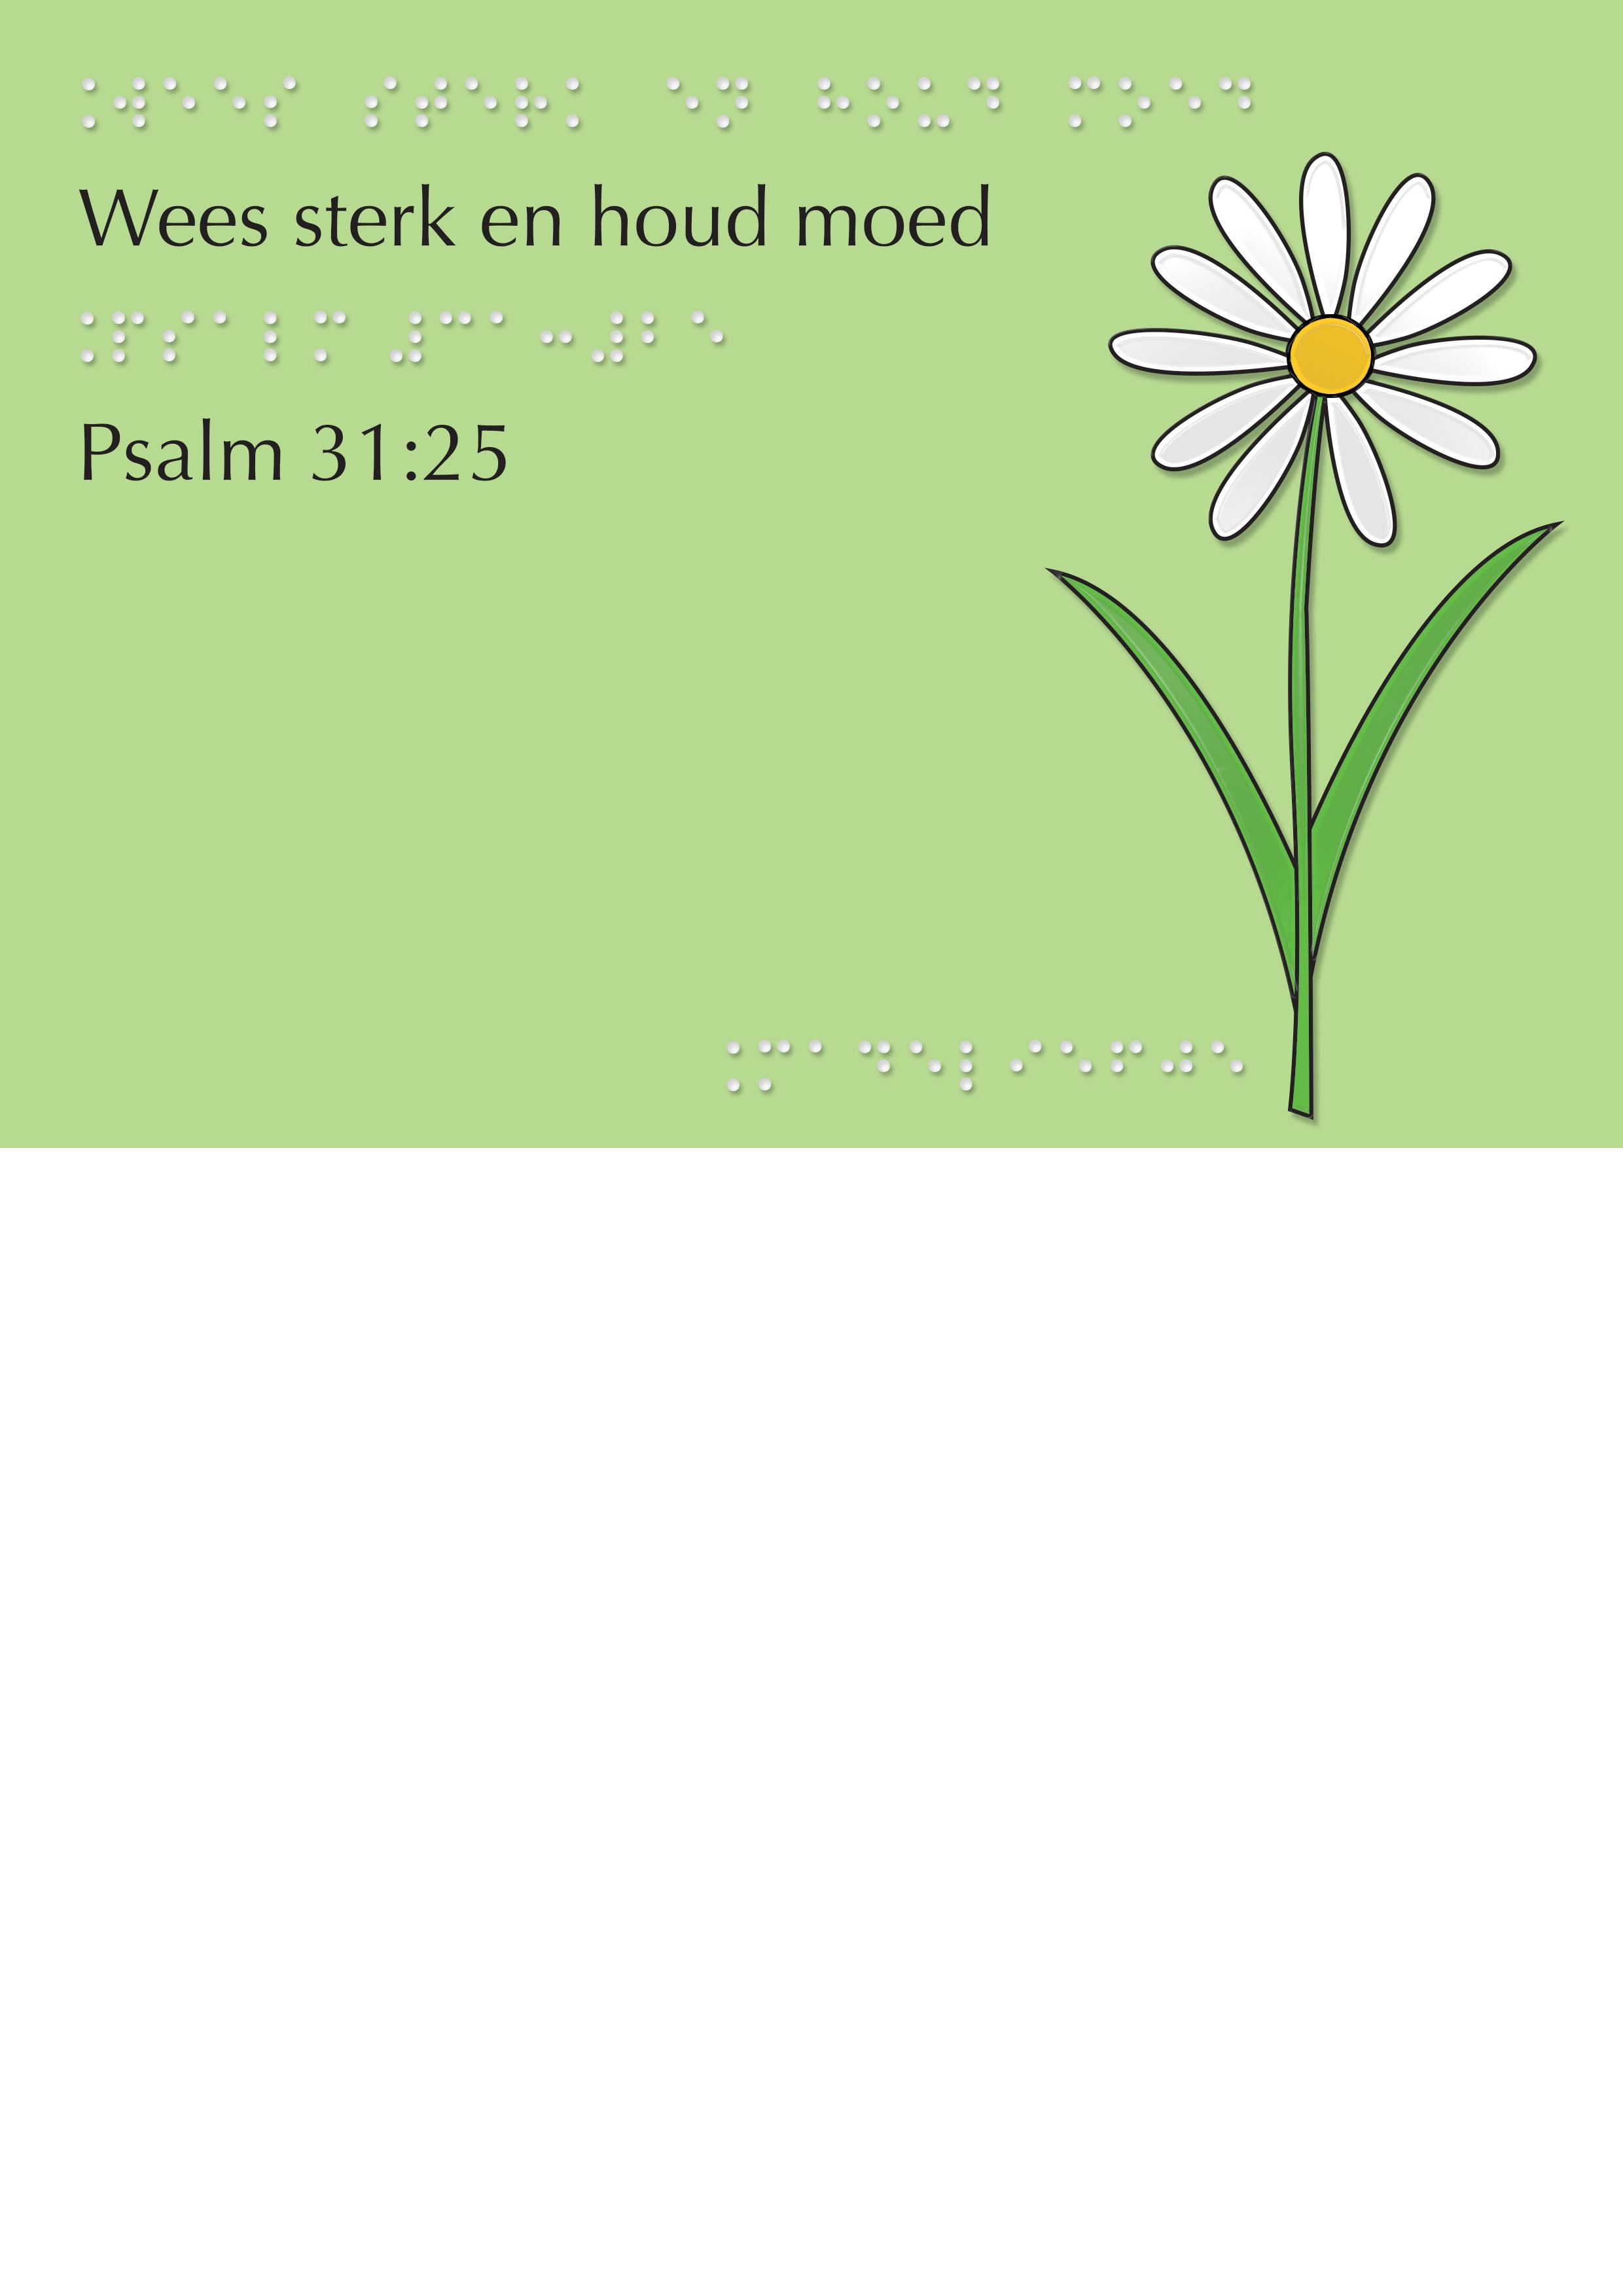 Voelbare wenskaart met braille en reliëf. In braille de tekst: Wees sterk en houd moed. Met full color voelbare afbeelding van een bloem.